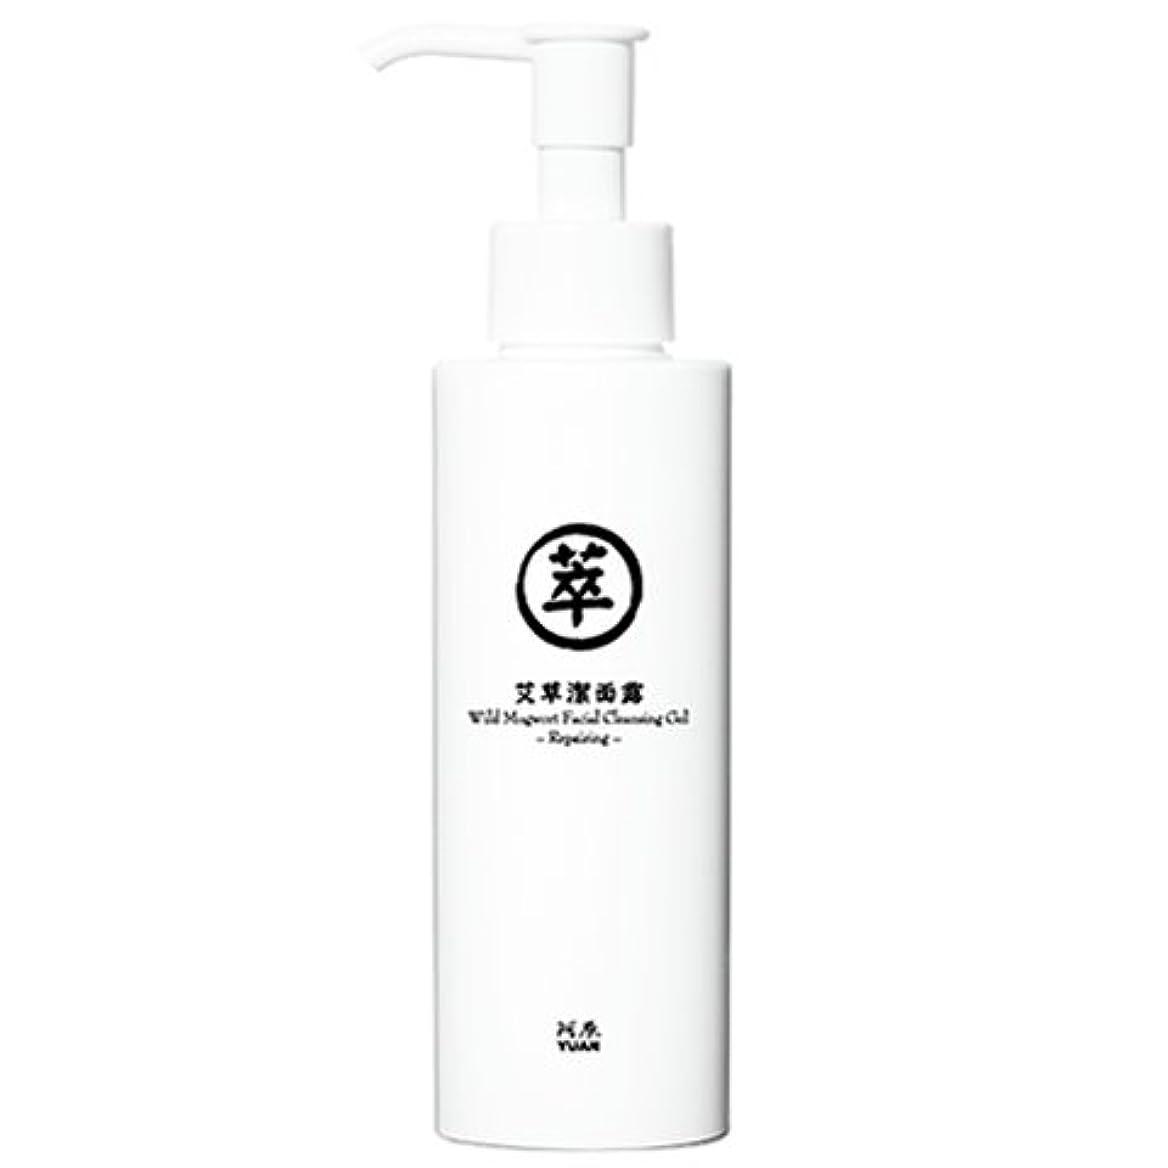 緊張幻想徴収ユアン(YUAN)ヨモギ洗顔ジェル 150ml(阿原 ユアンソープ 台湾コスメ)